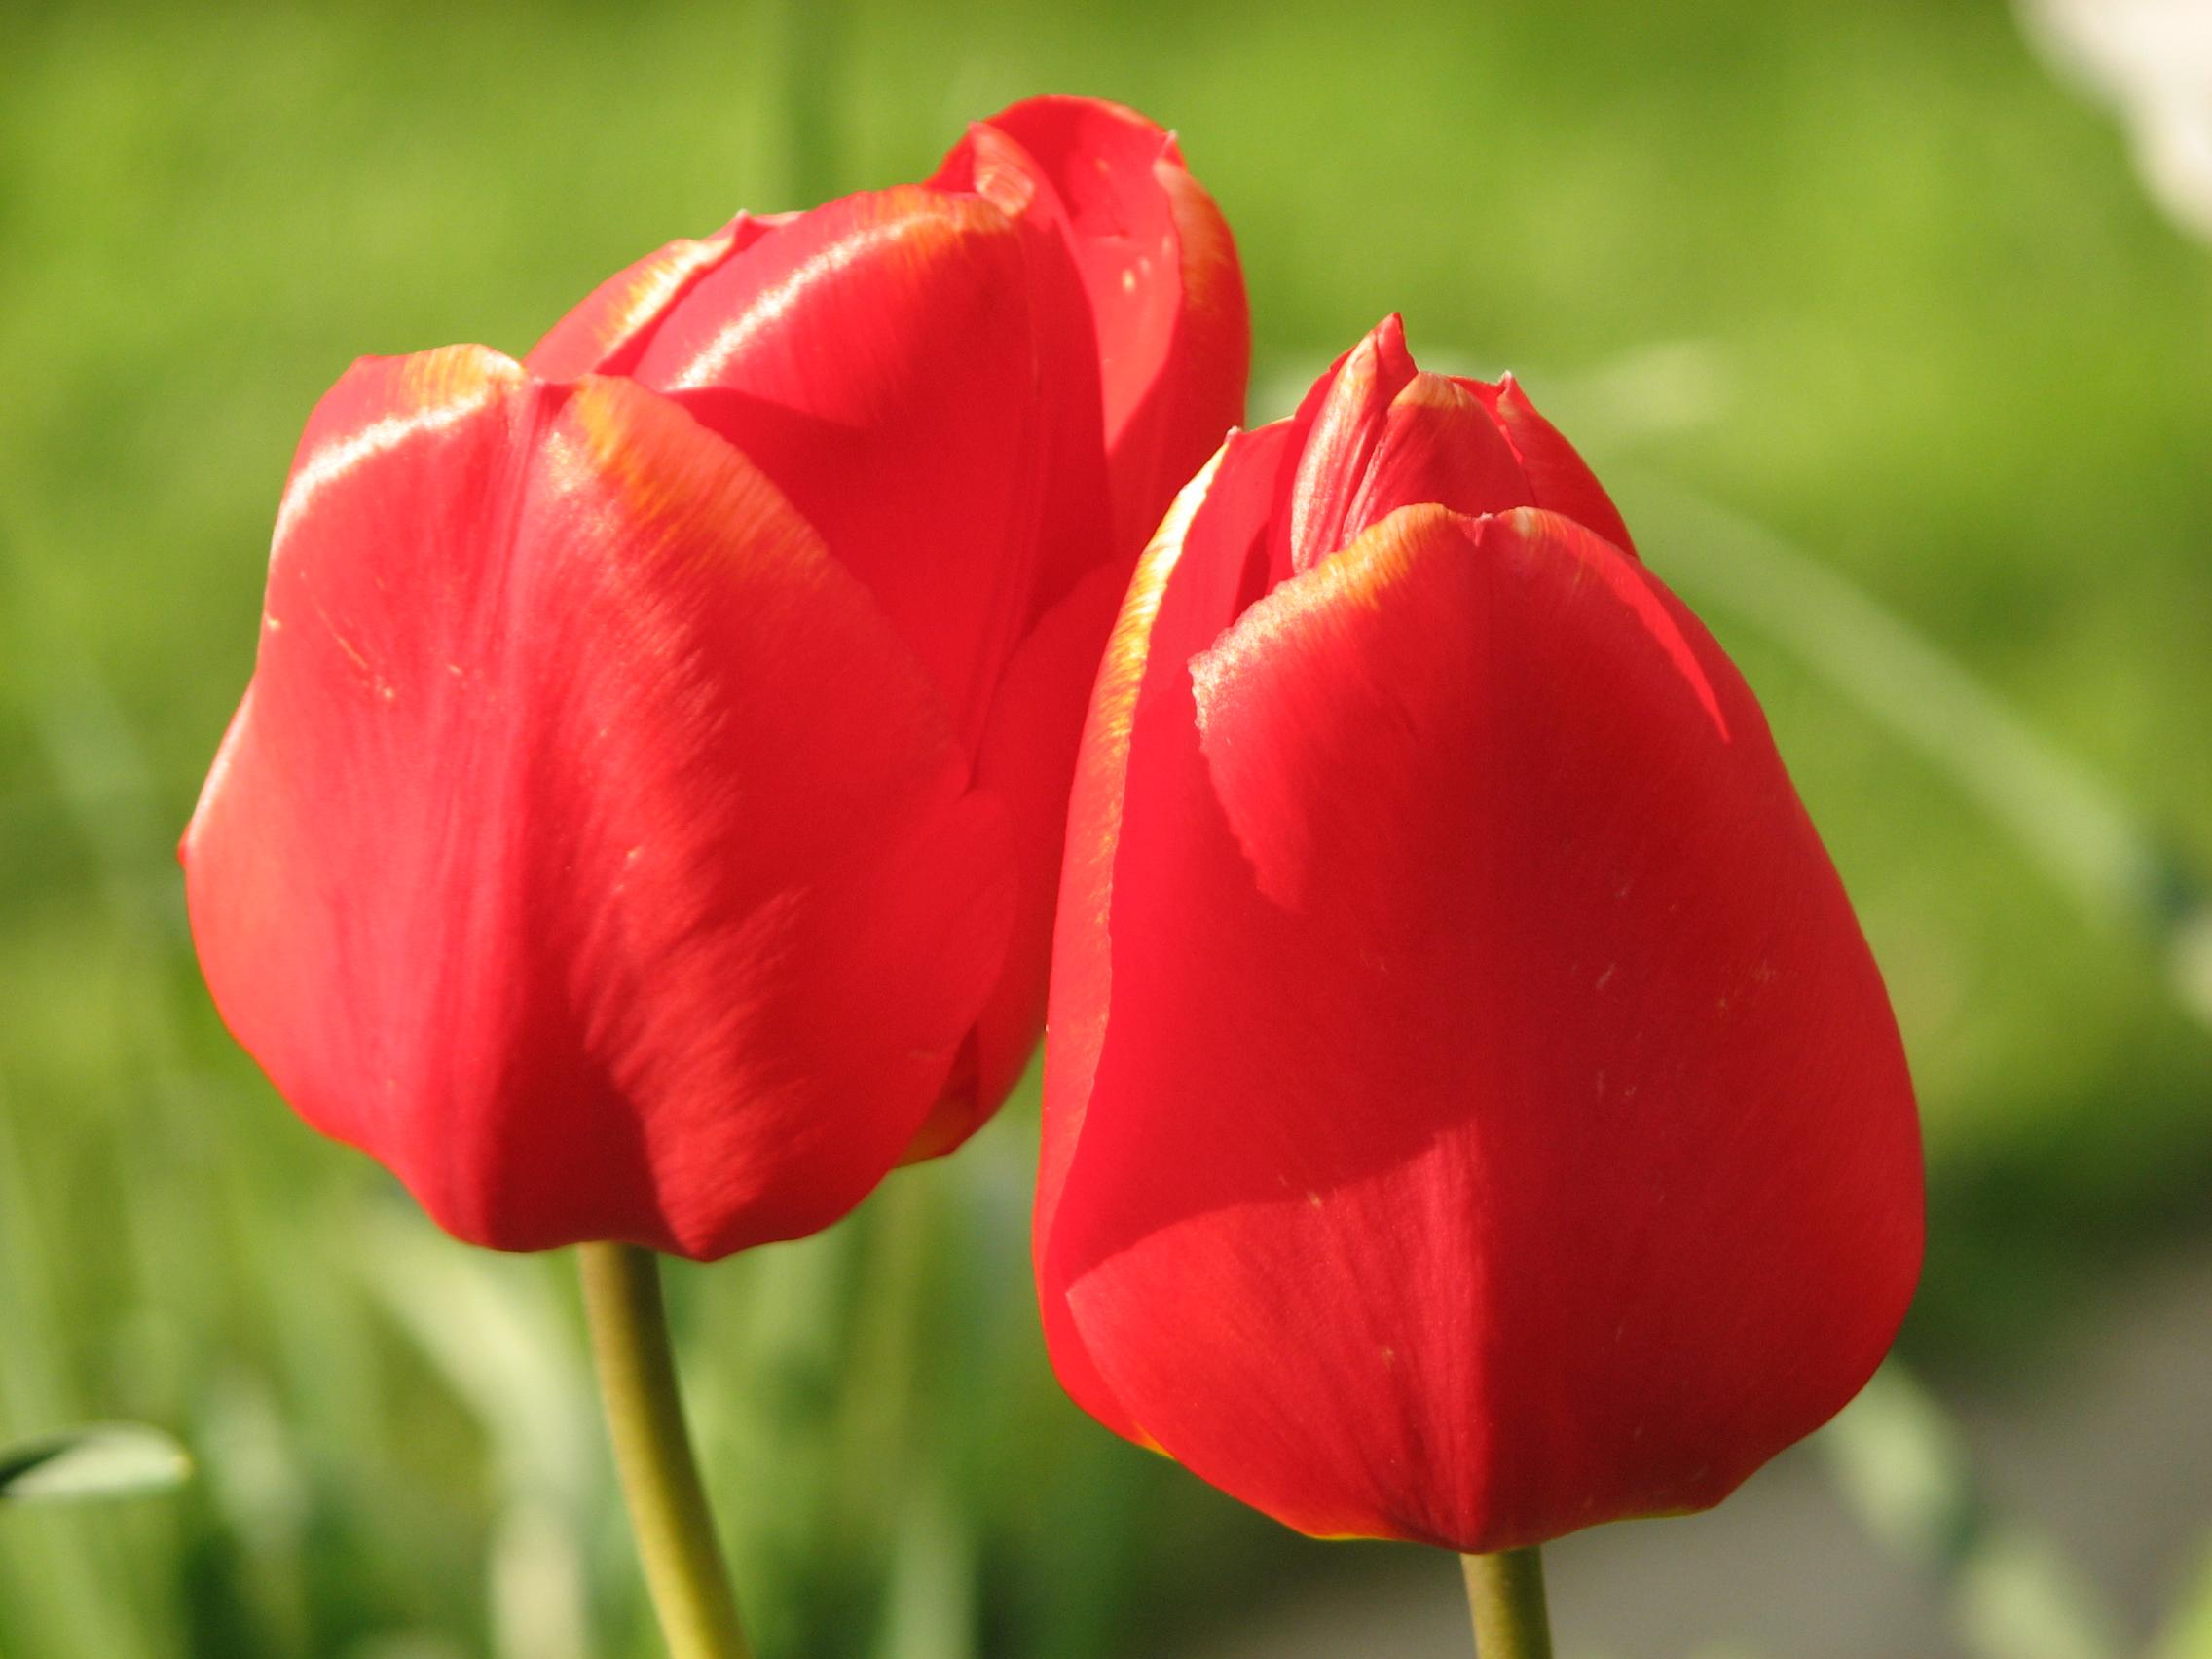 Photos of tulip flowers picture transparent Tulip flowers pics - ClipartFest picture transparent